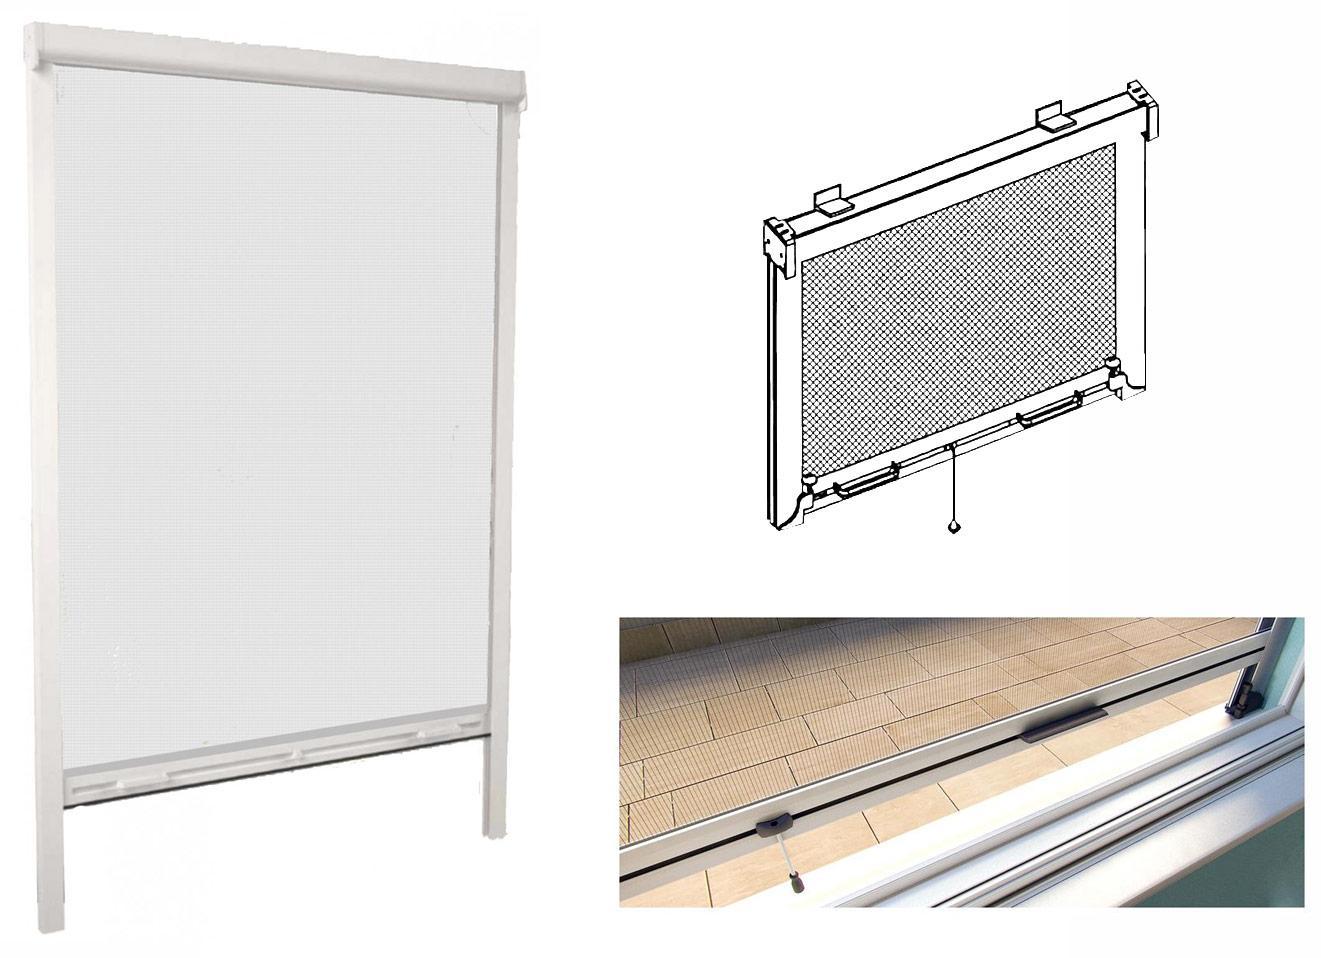 Moustiquaires Cegisol Shuller Fabricant De Fenêtres Pvc Alu Et